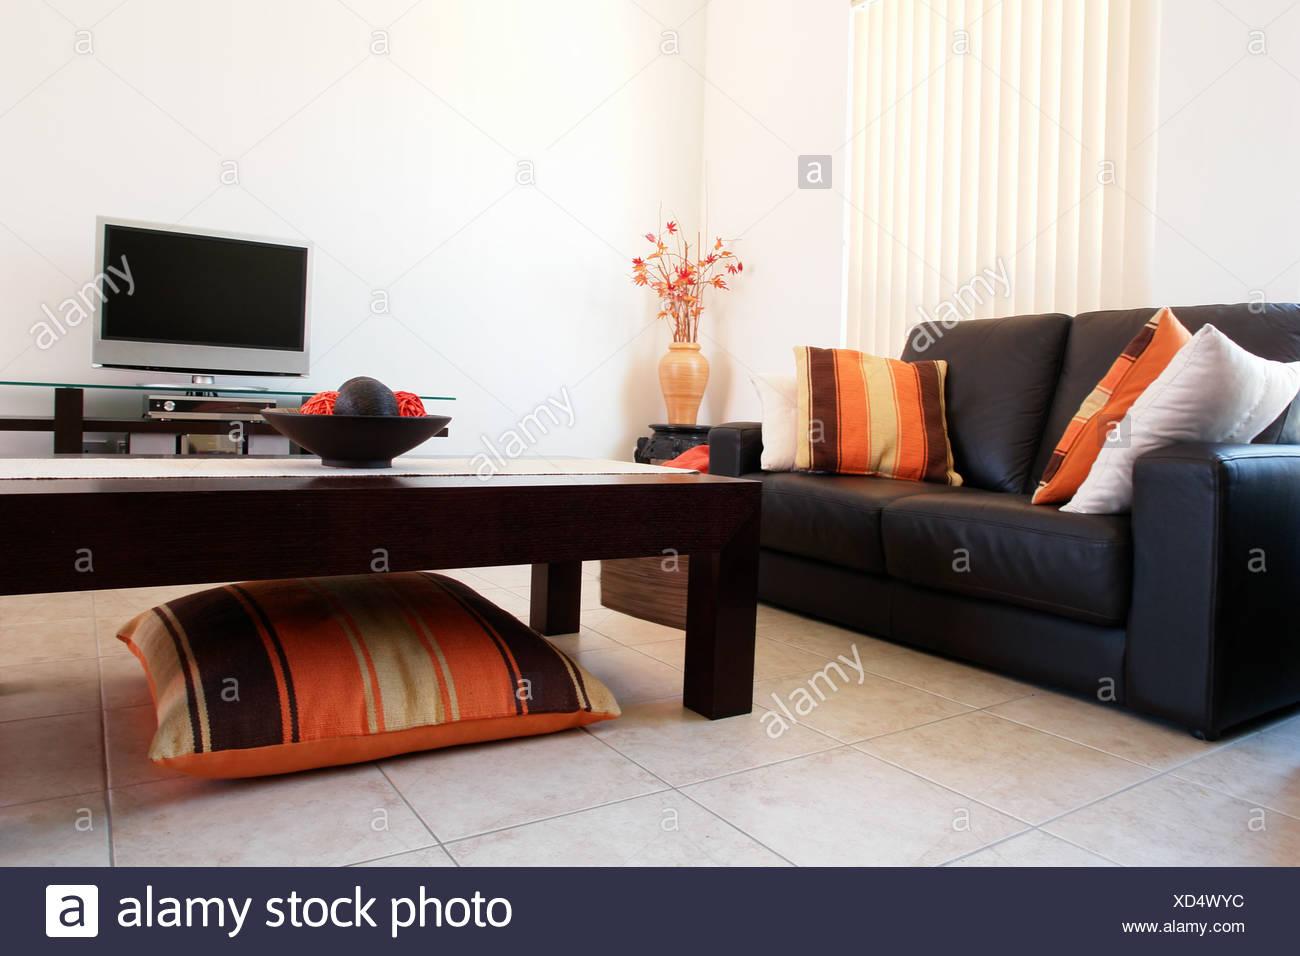 Trendige Wohnzimmer in Orange und braun Stockfoto, Bild ...